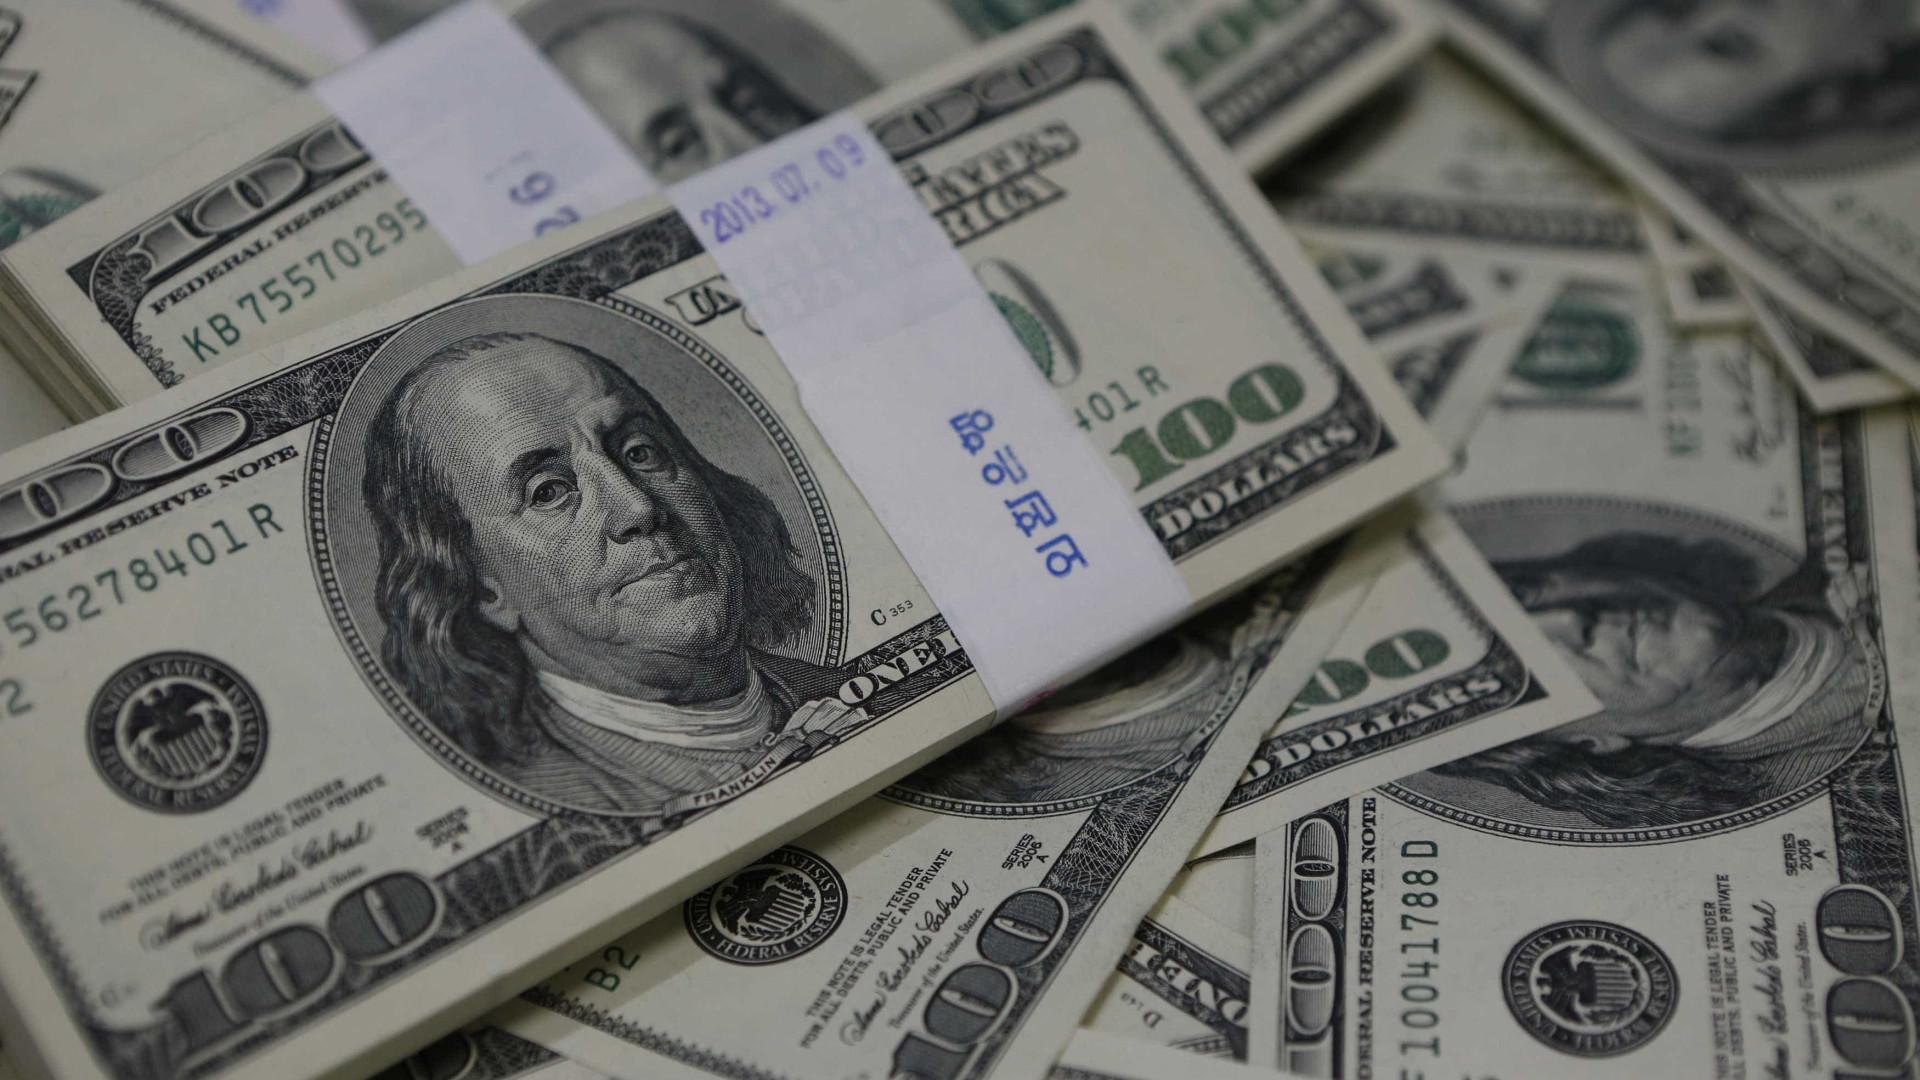 Investidores já veem dólar acima de R$ 4,00, aponta pesquisa